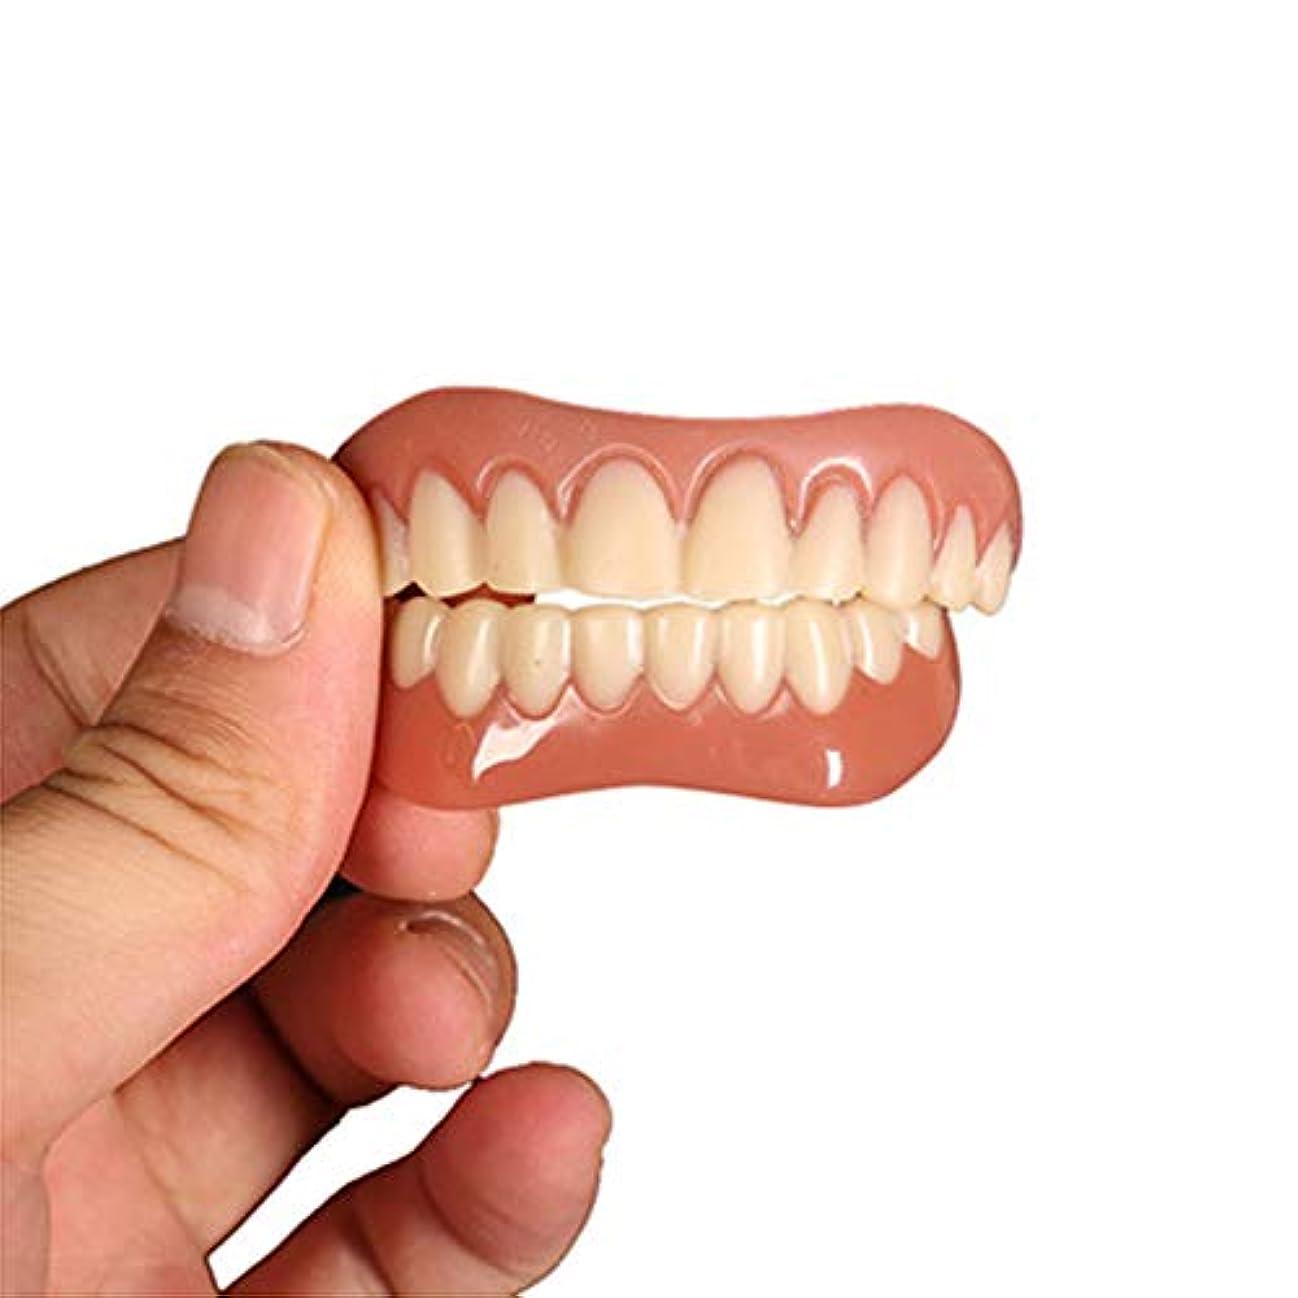 目指すカロリー固有の6セット、化粧品の歯、白い歯をきれいにするための快適さにフィットするフレックス歯のソケット、化粧品の歯義歯の歯のトップ化粧品、